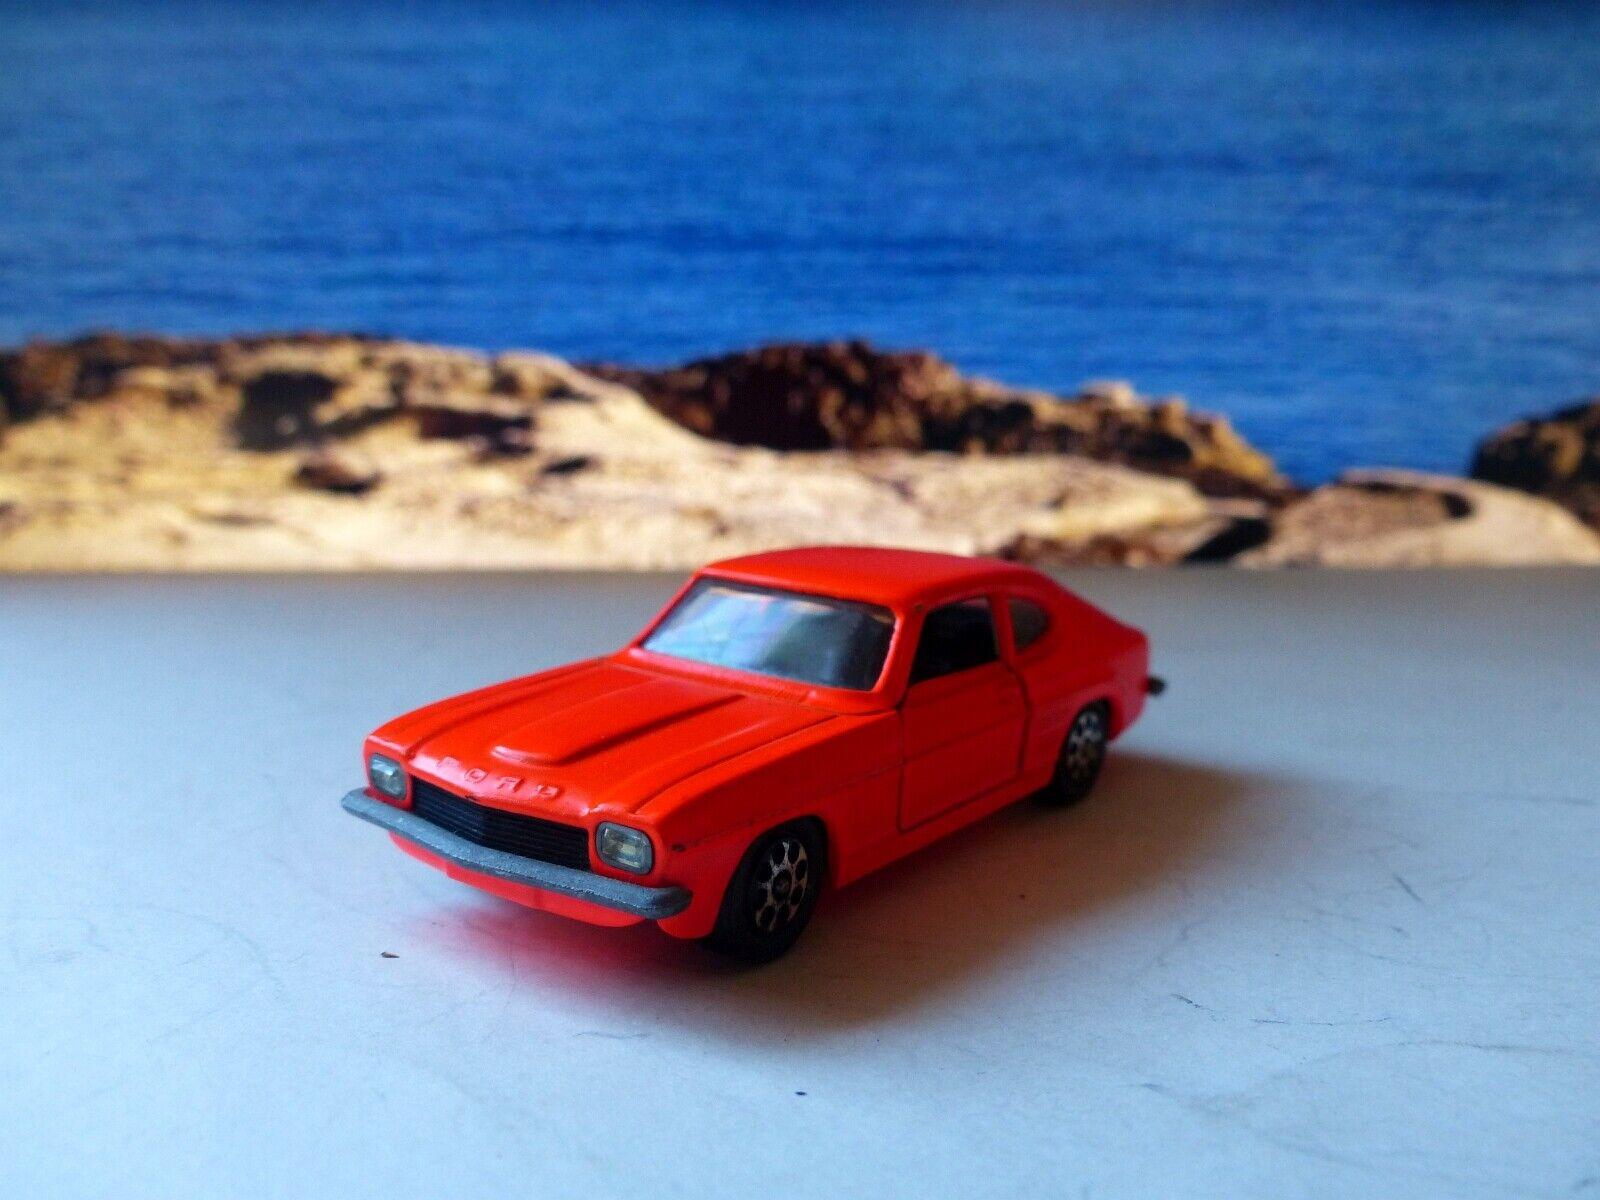 Corgi Toys 311 Ford Capri 3 Litre in fluorescent orange